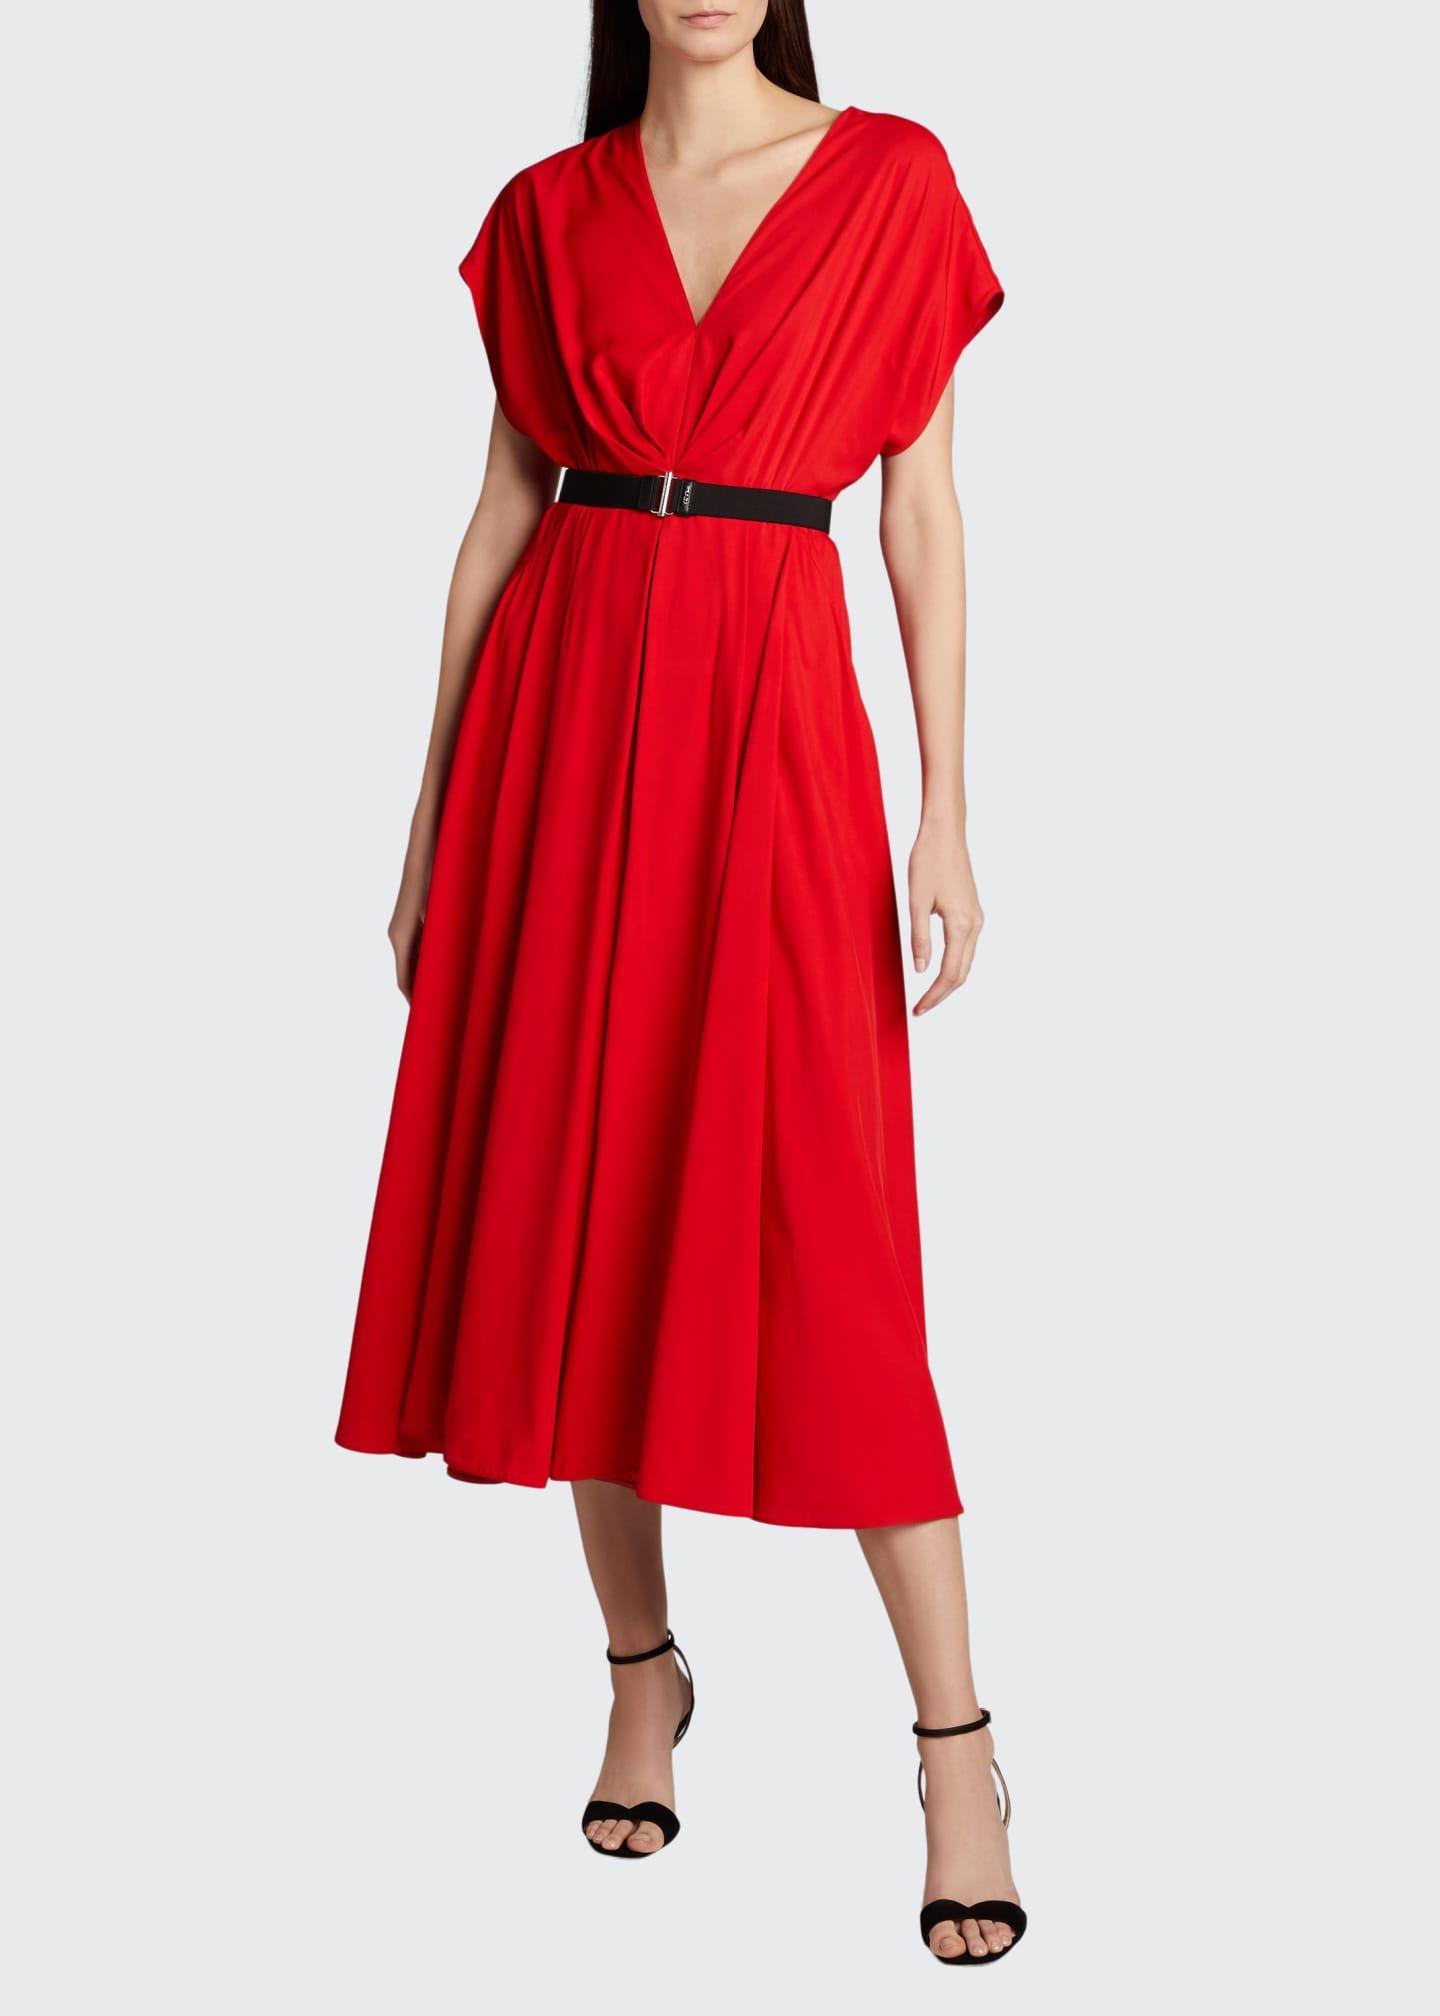 Prada Belted Fluid-Twill Midi Dress